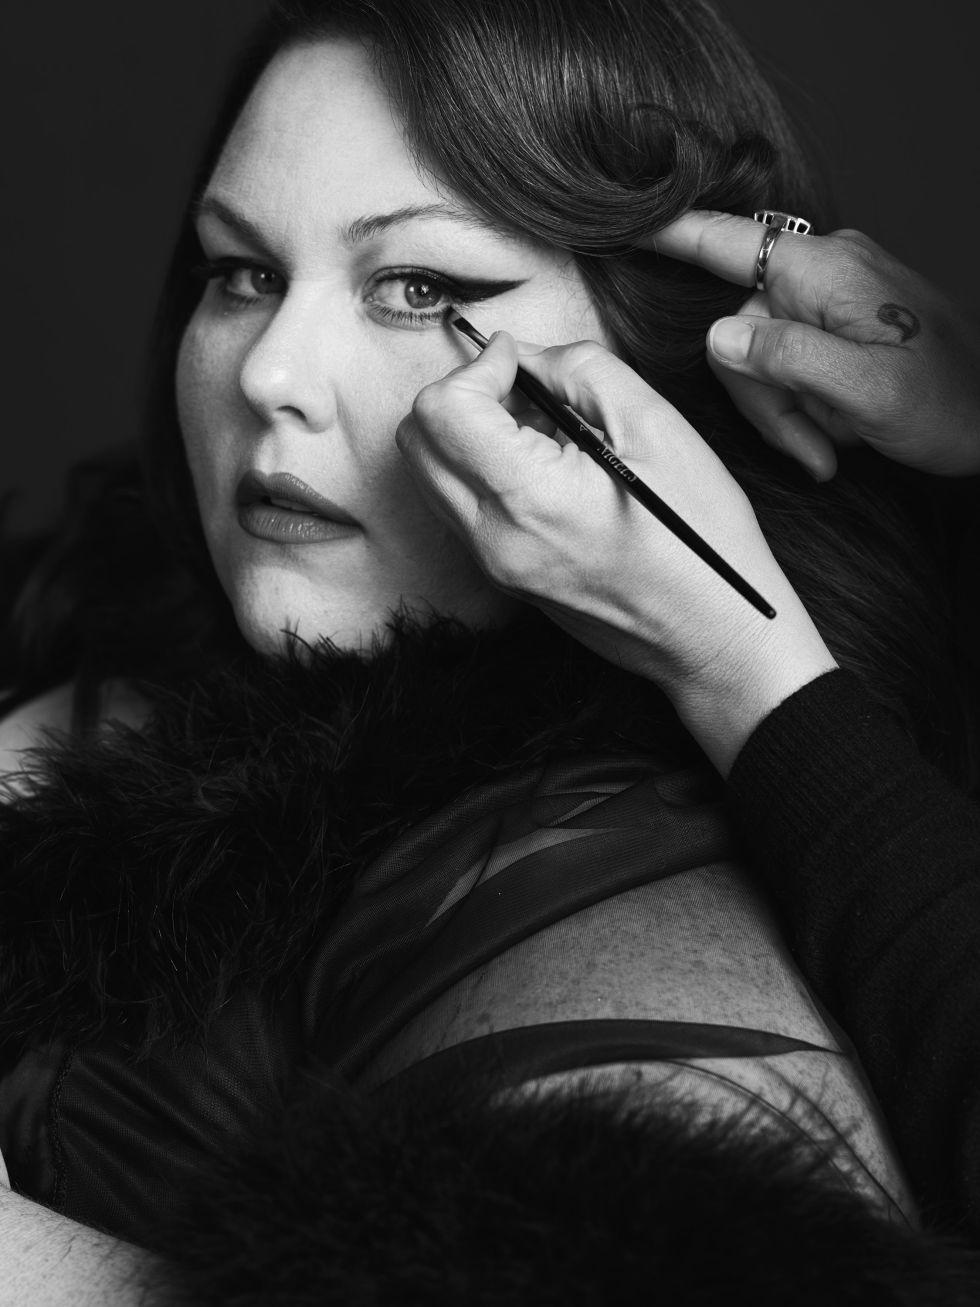 Photo taken from Harper Bazaar